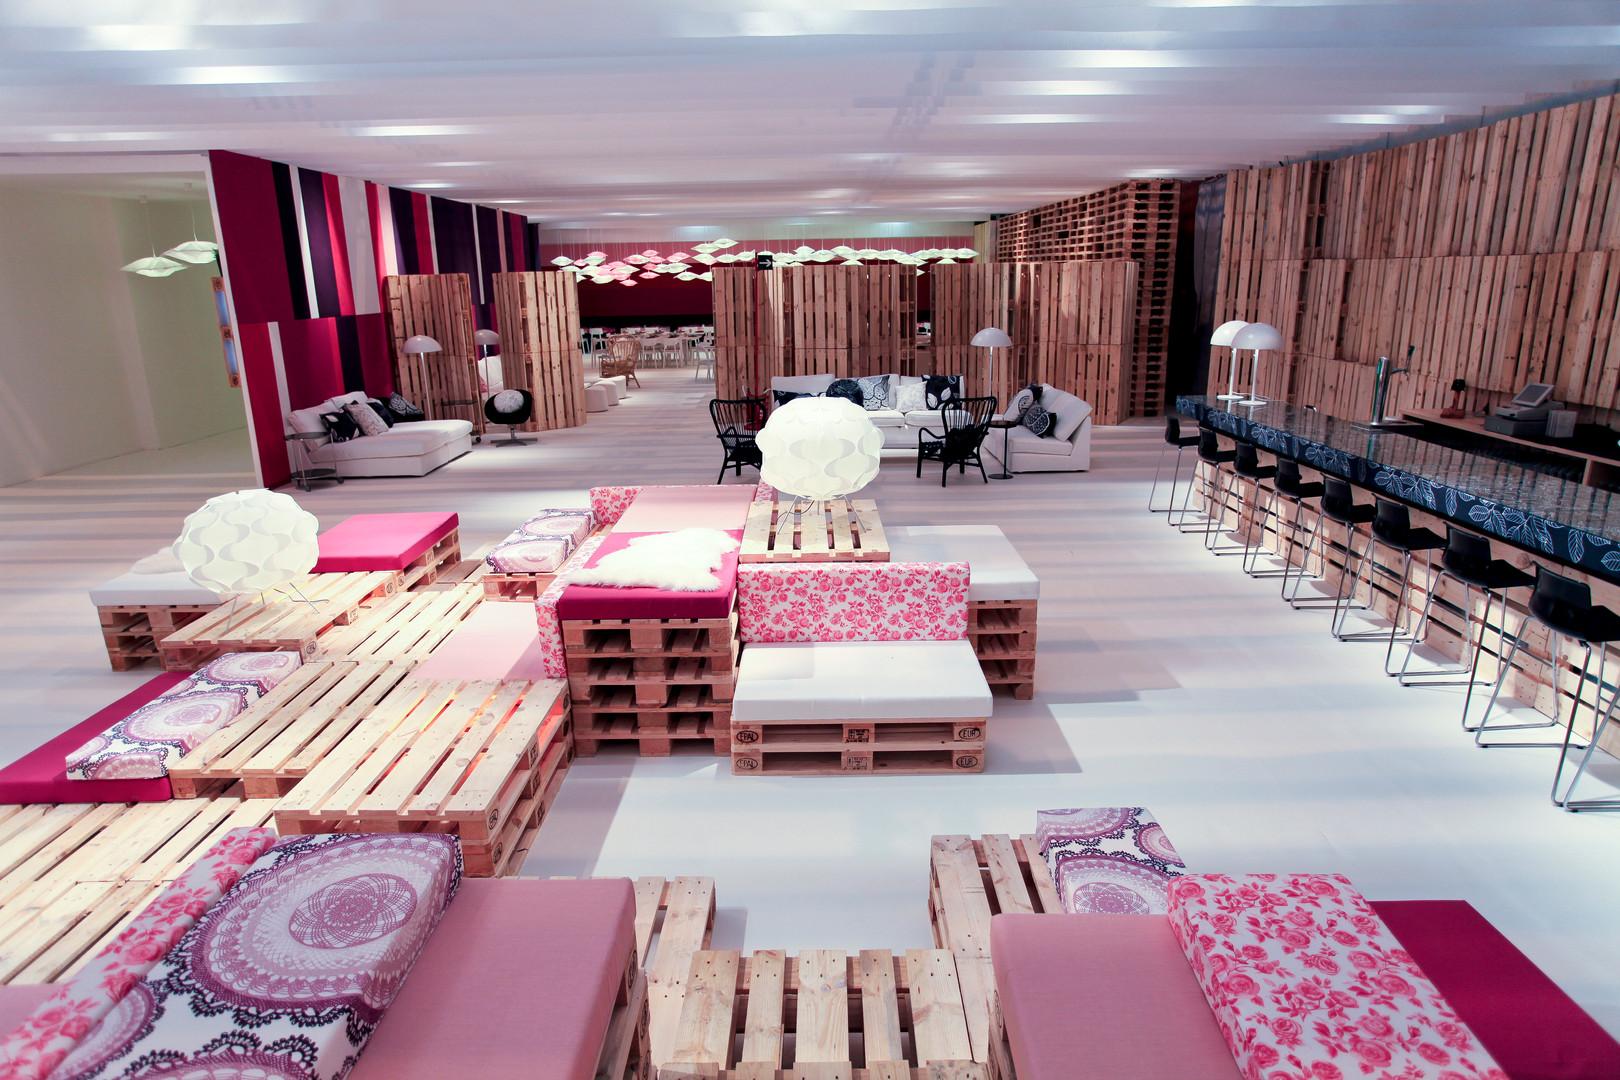 ARCO art fair vip lounge by Teresa Sapey and IKEA